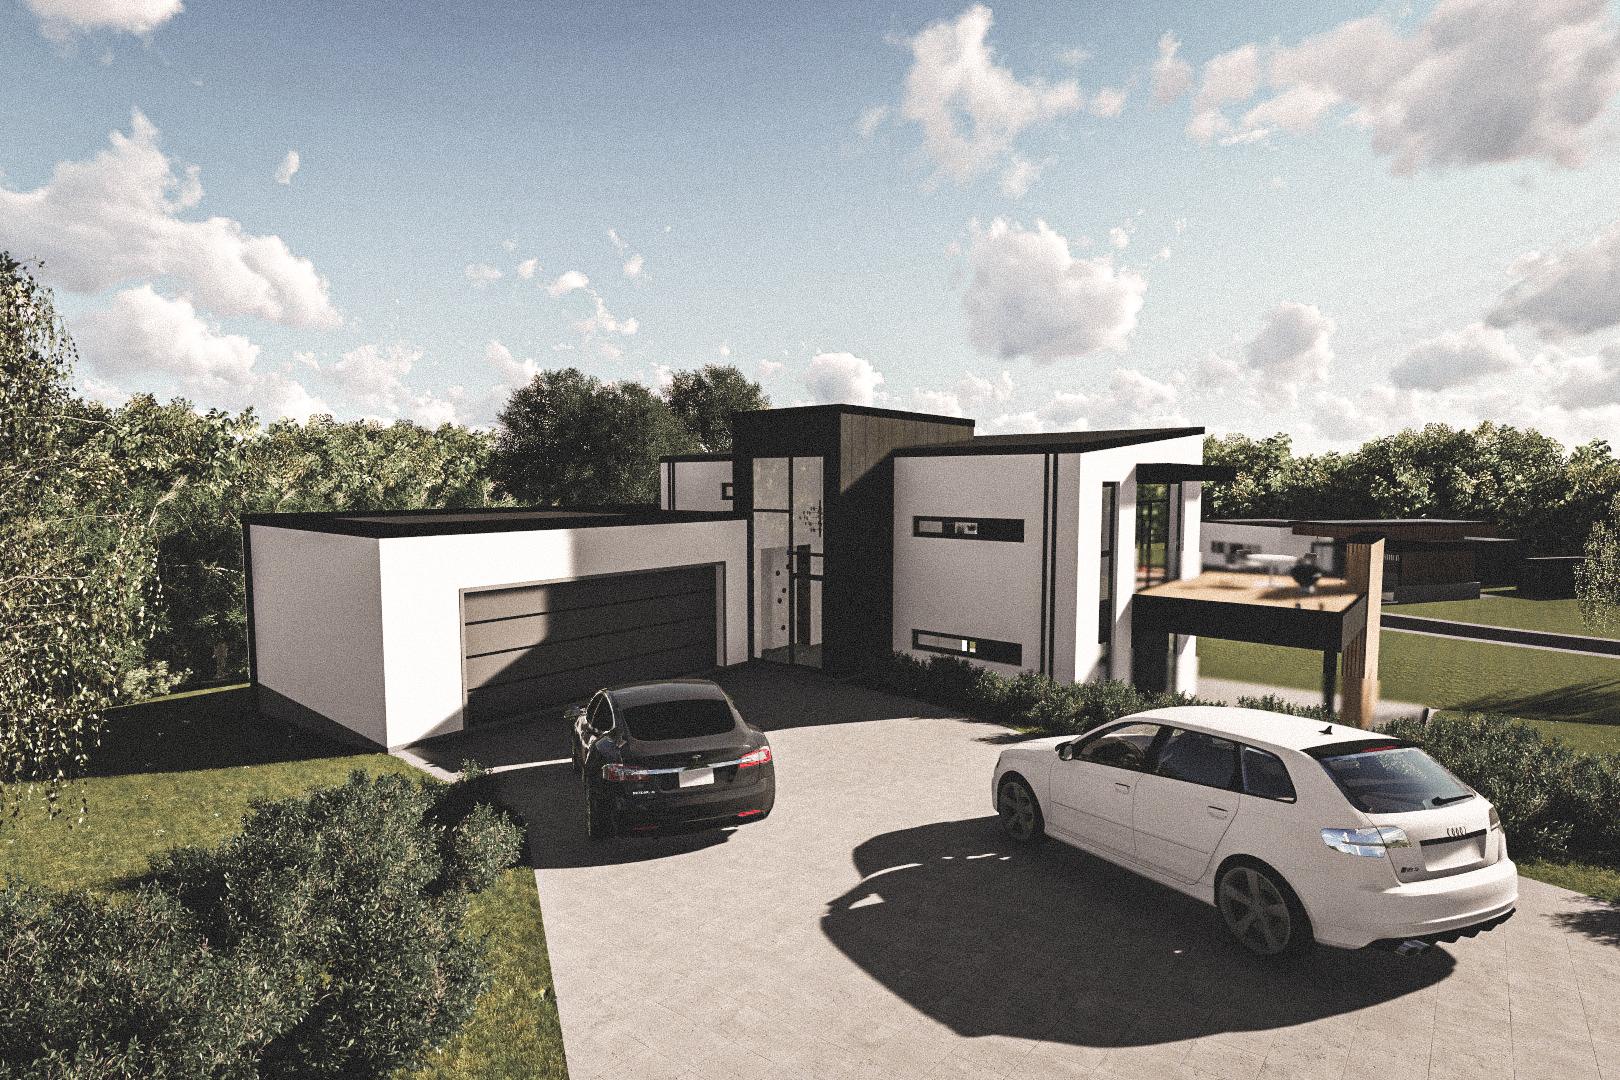 Billede af Dansk arkitekttegnet parterreplan villa af arkitektfirmaet m2plus, i Haderslev på 224 kvartratmeter.